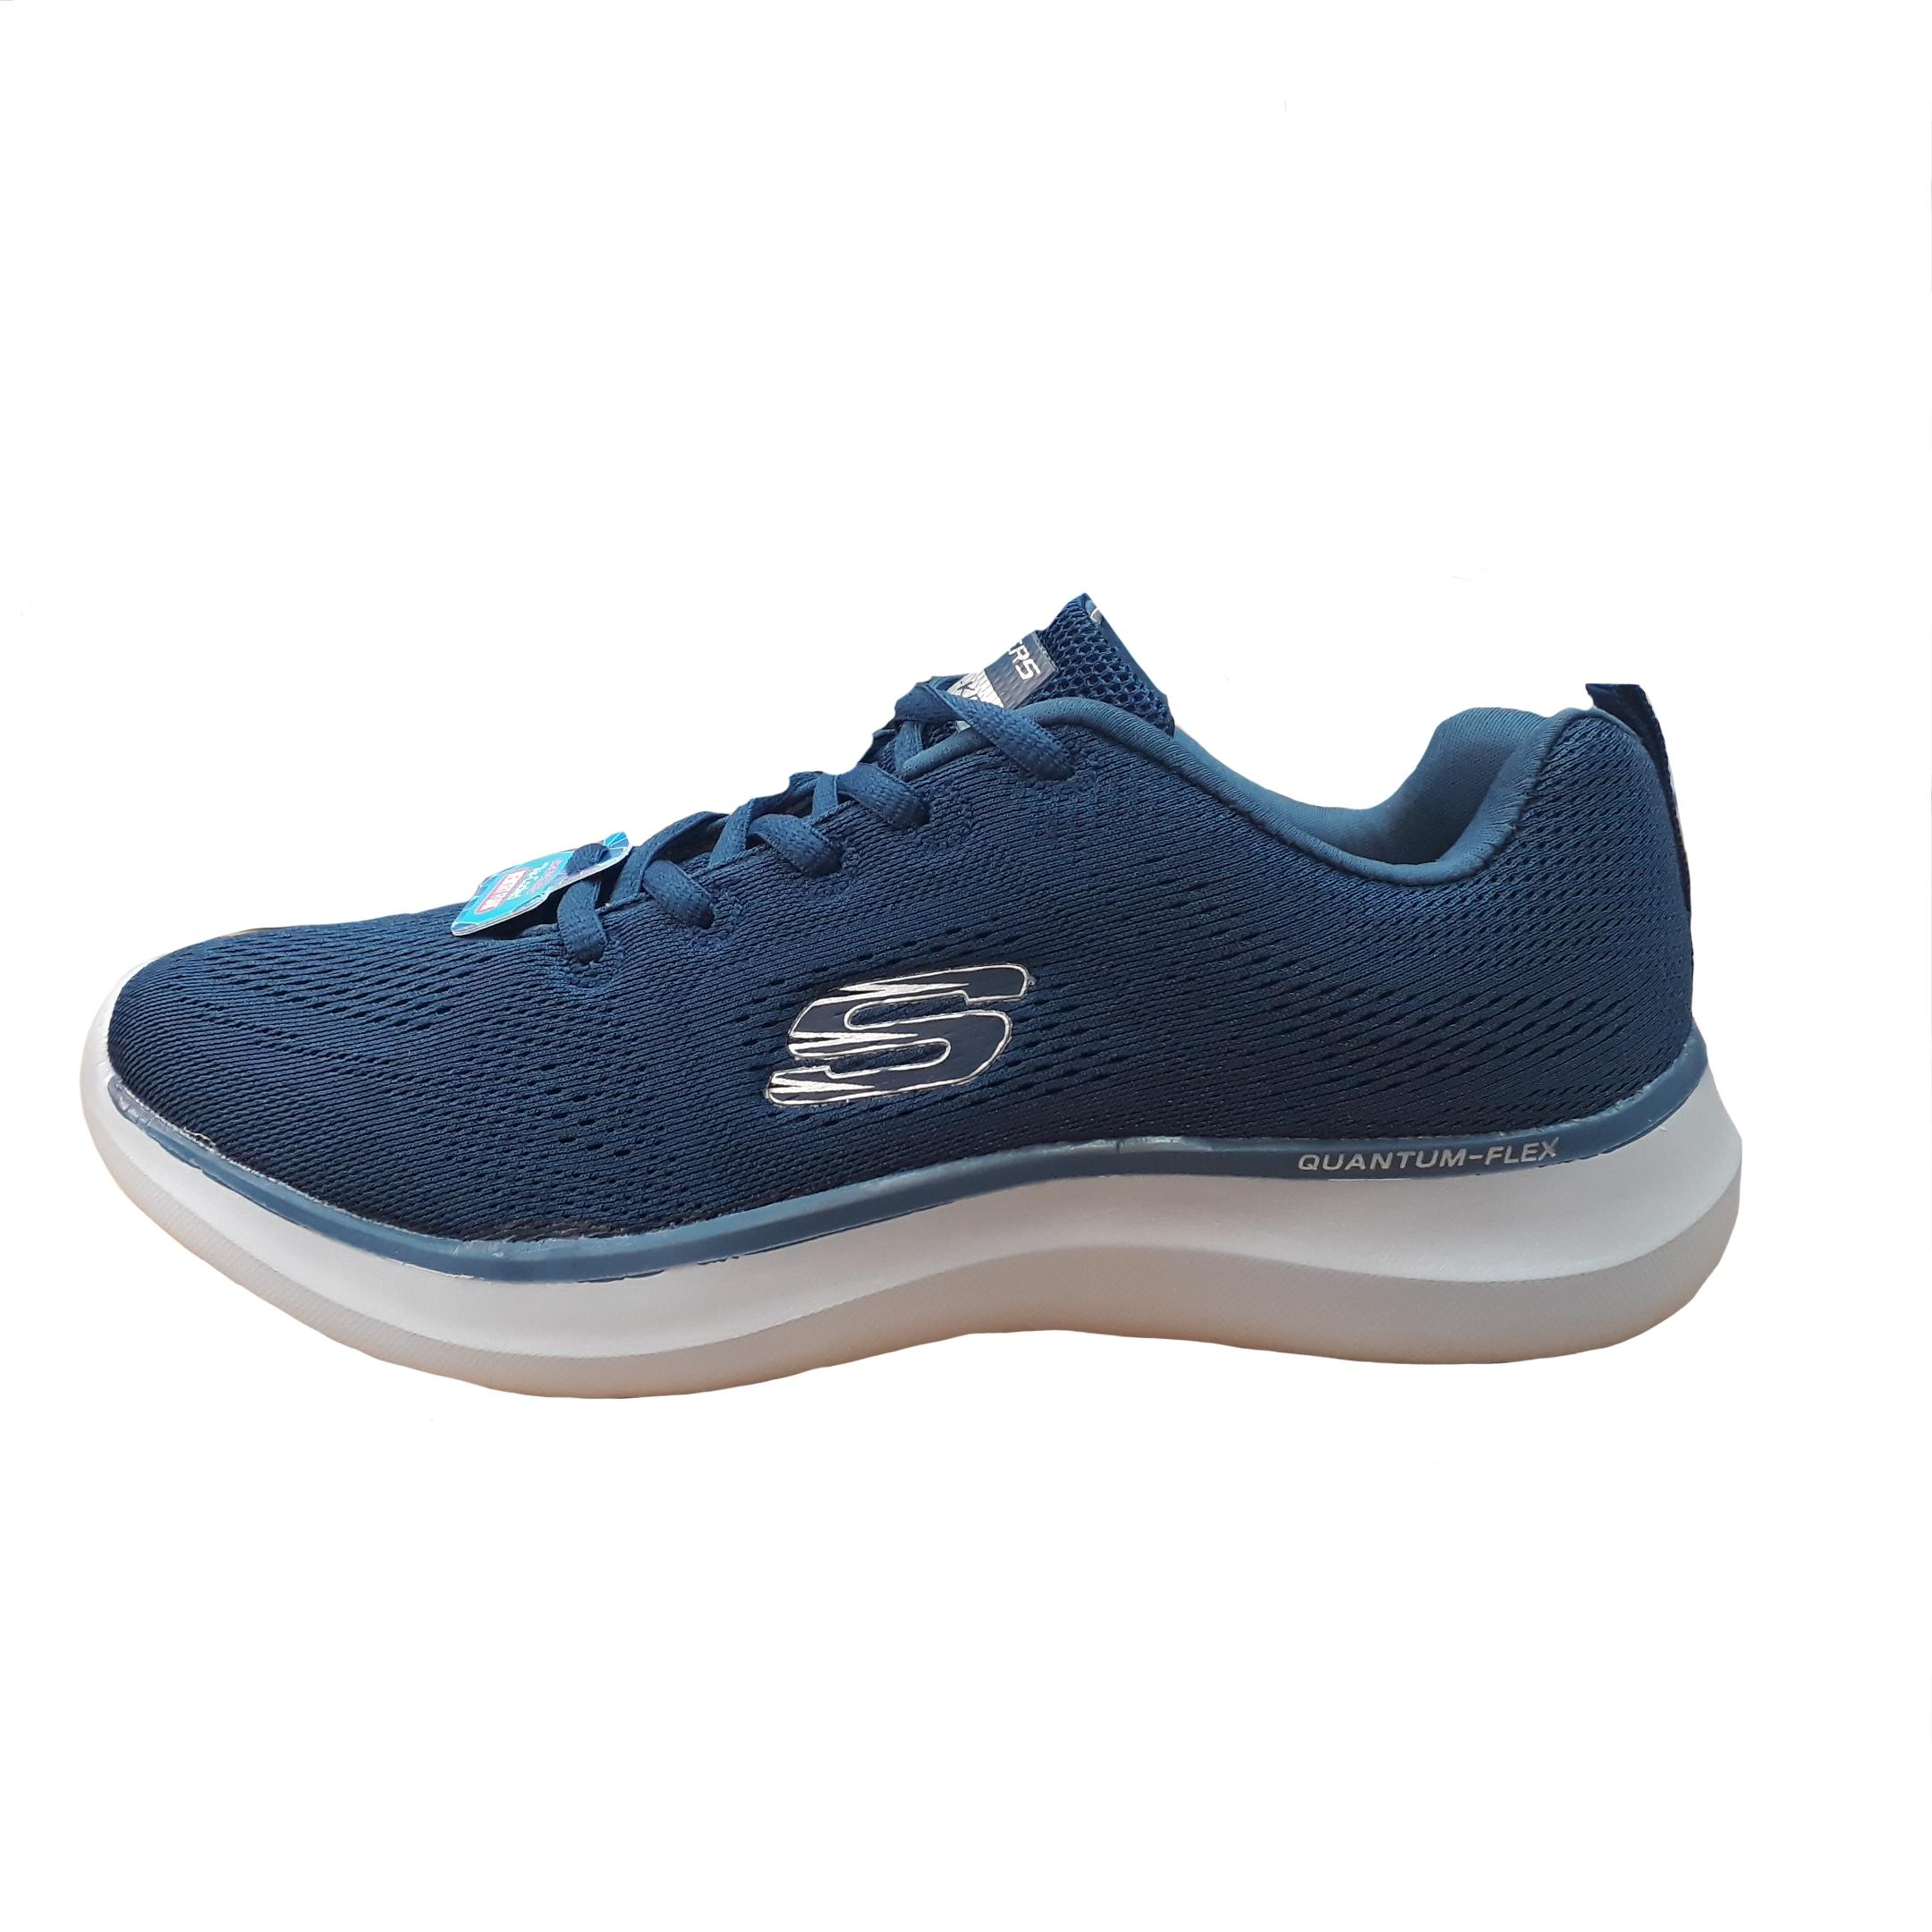 کفش مخصوص پیاده روی زنانه اسکچرز مدل Quantum-Flex